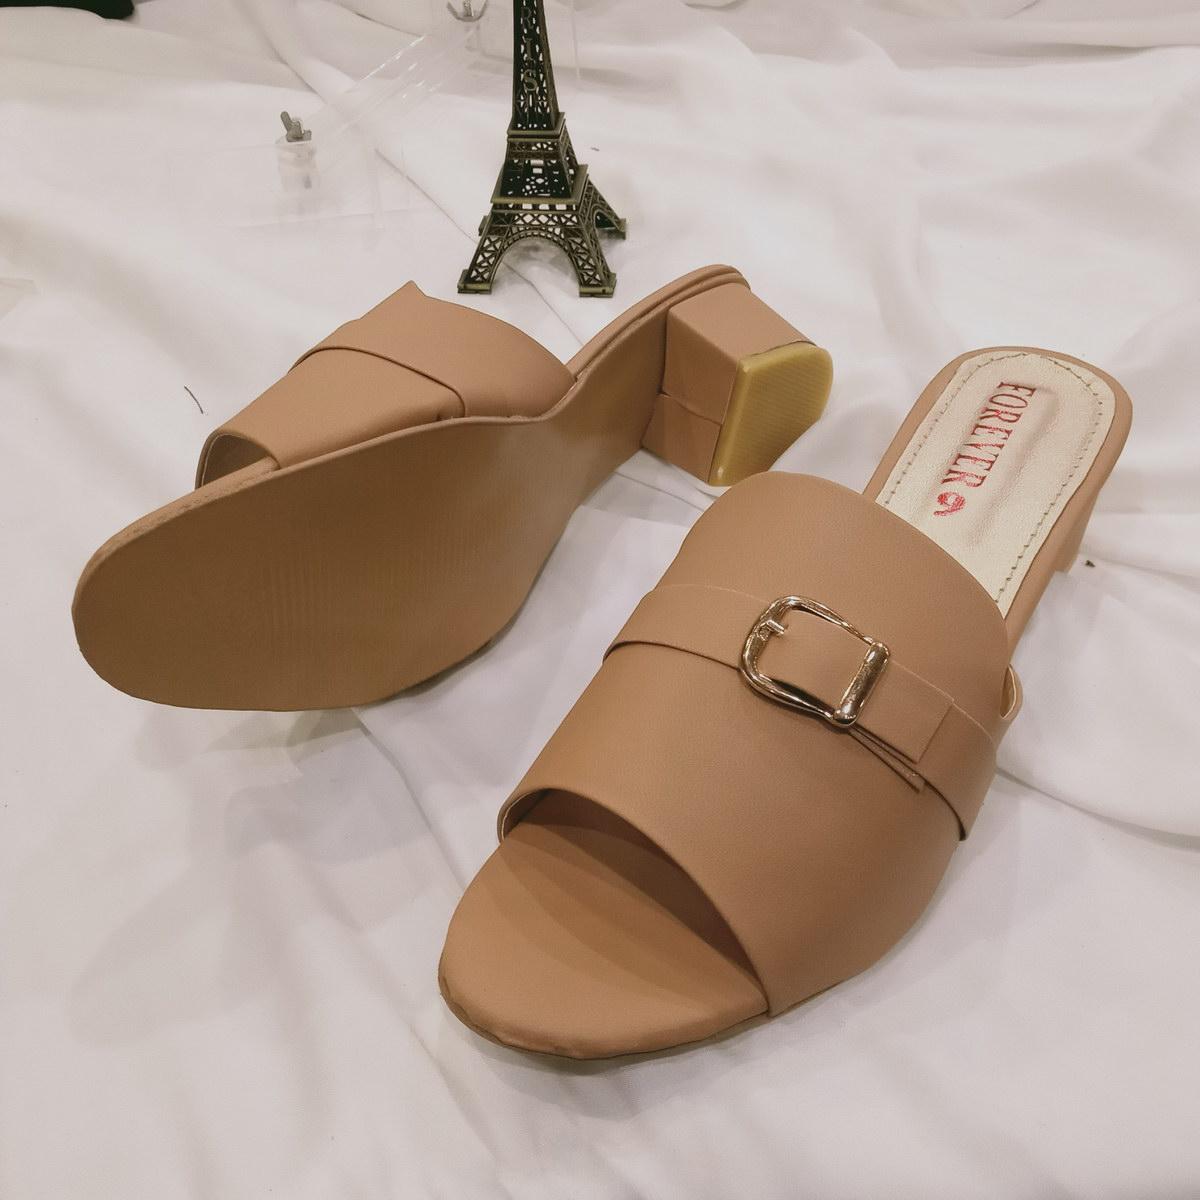 Flat Fancy Sandal for Women SH29-N FT34-S